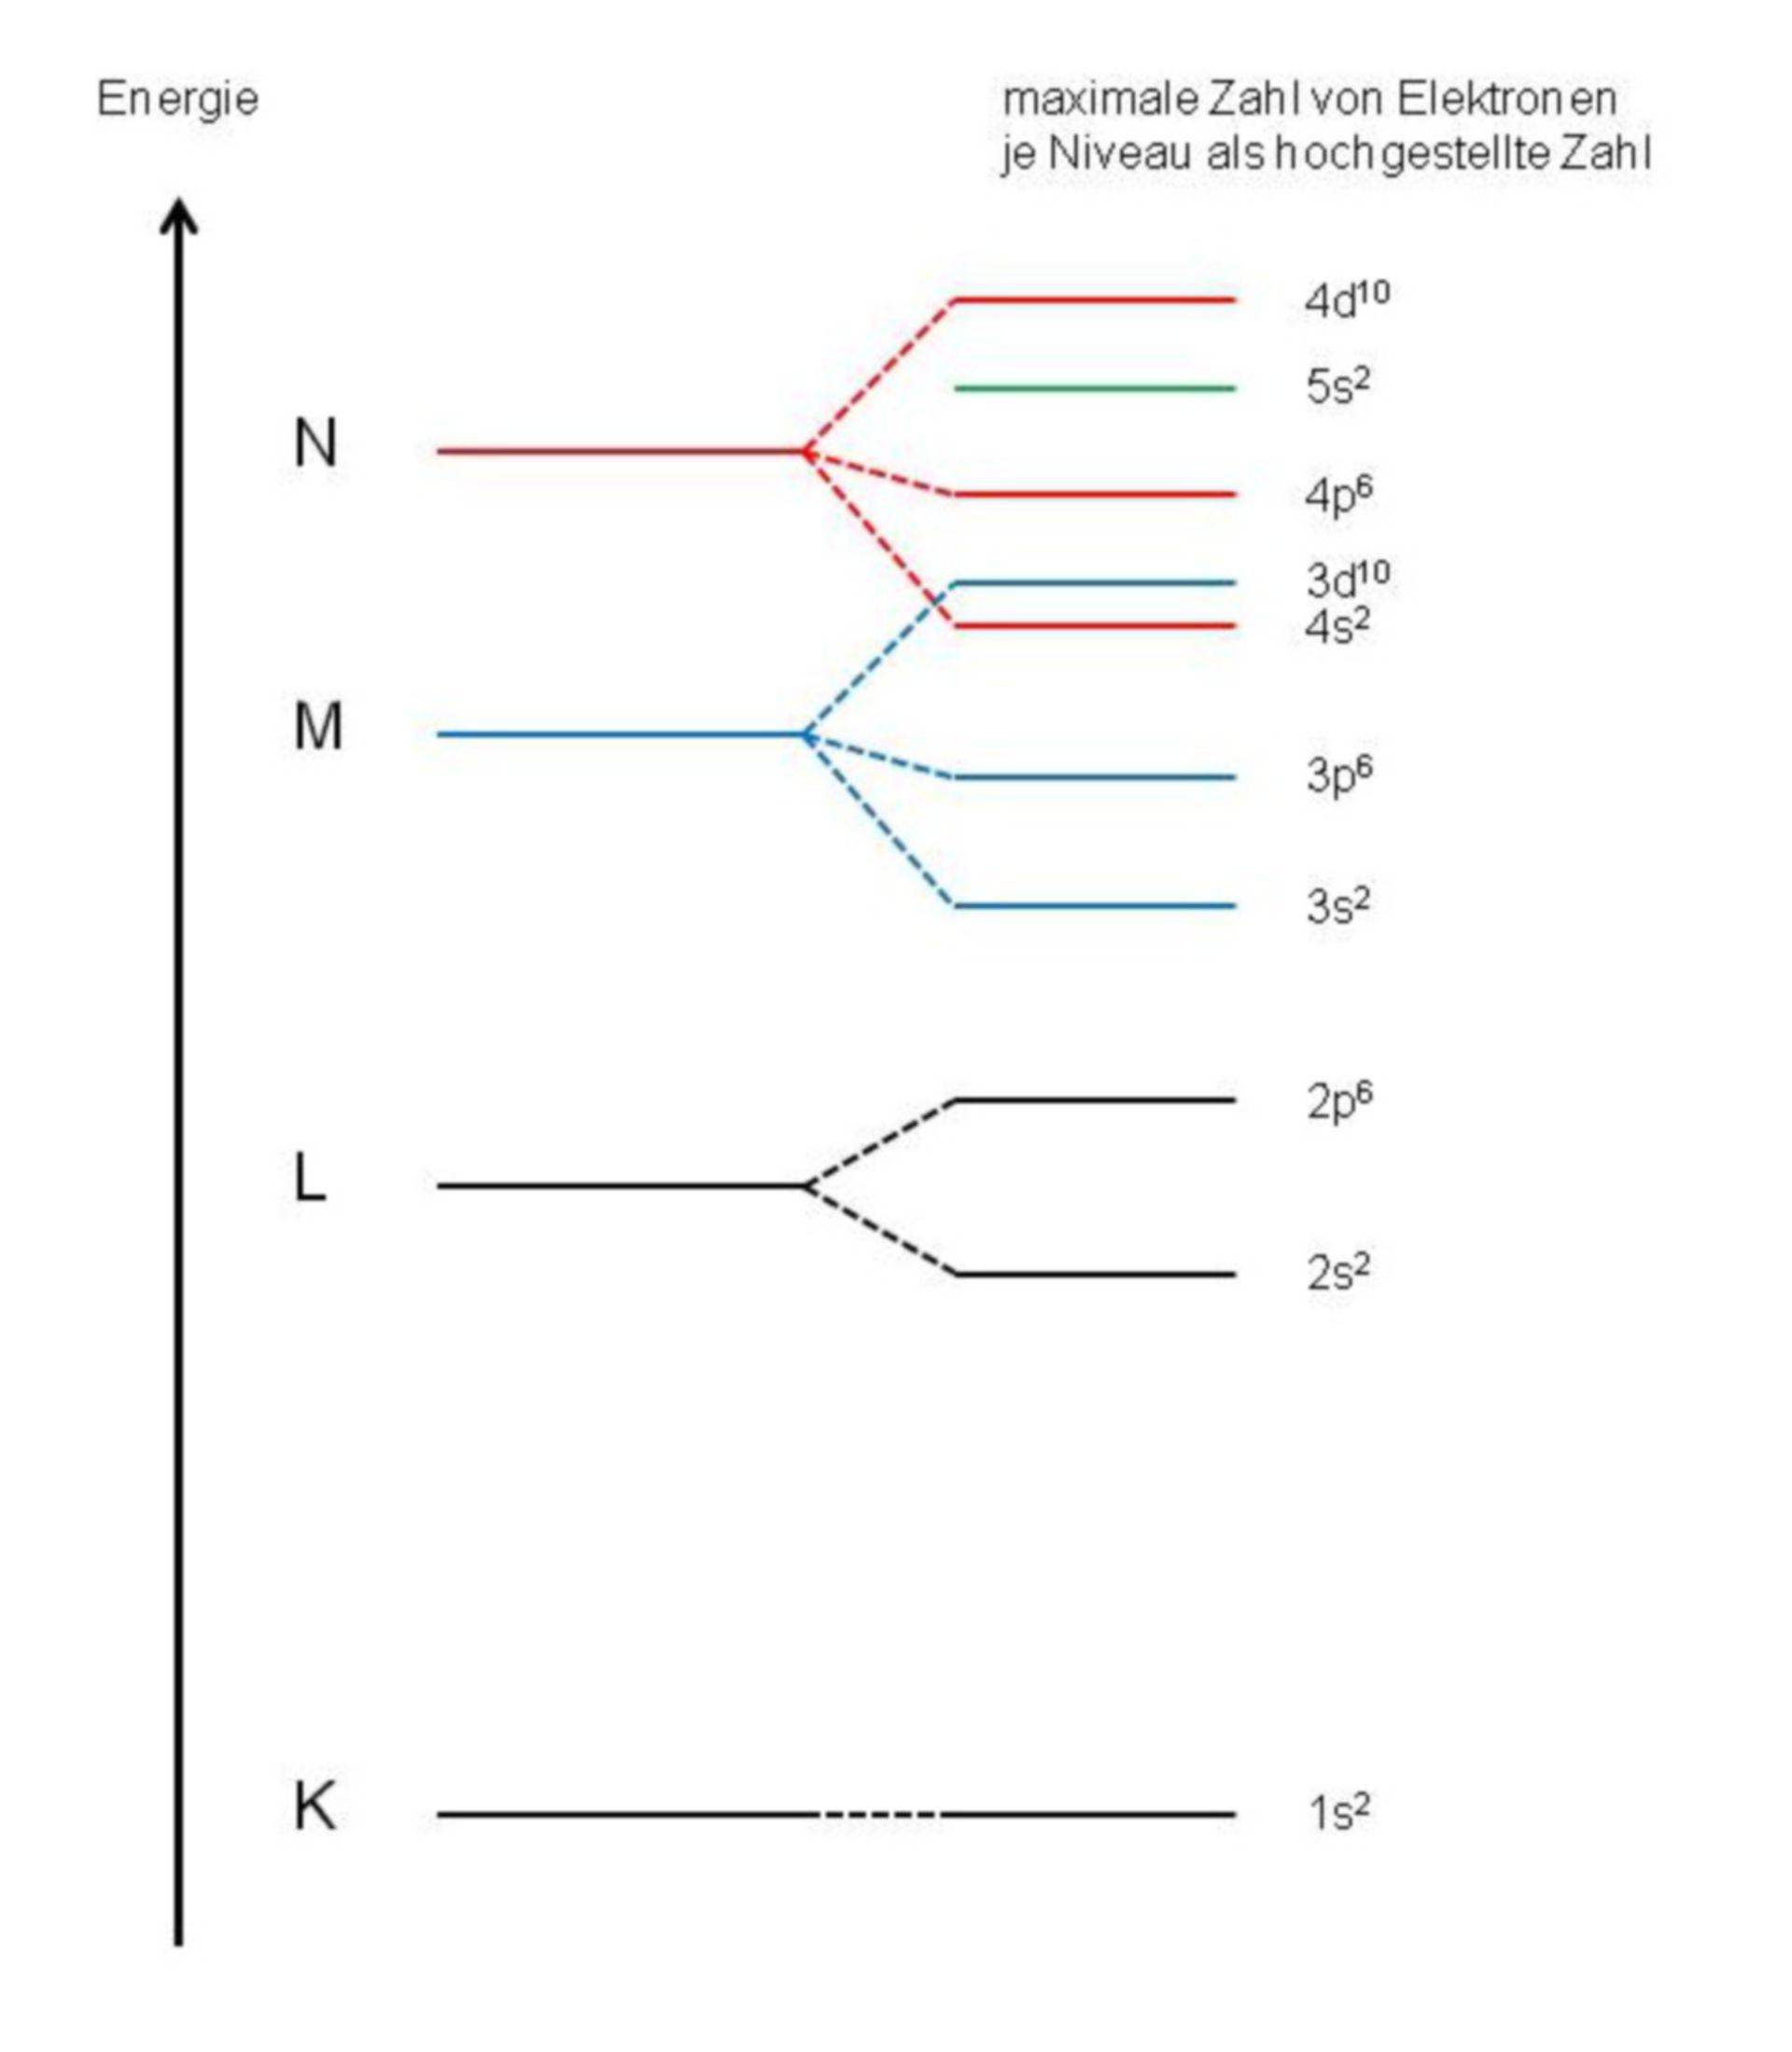 Schema dei livelli energetici di elettroni in un atomo